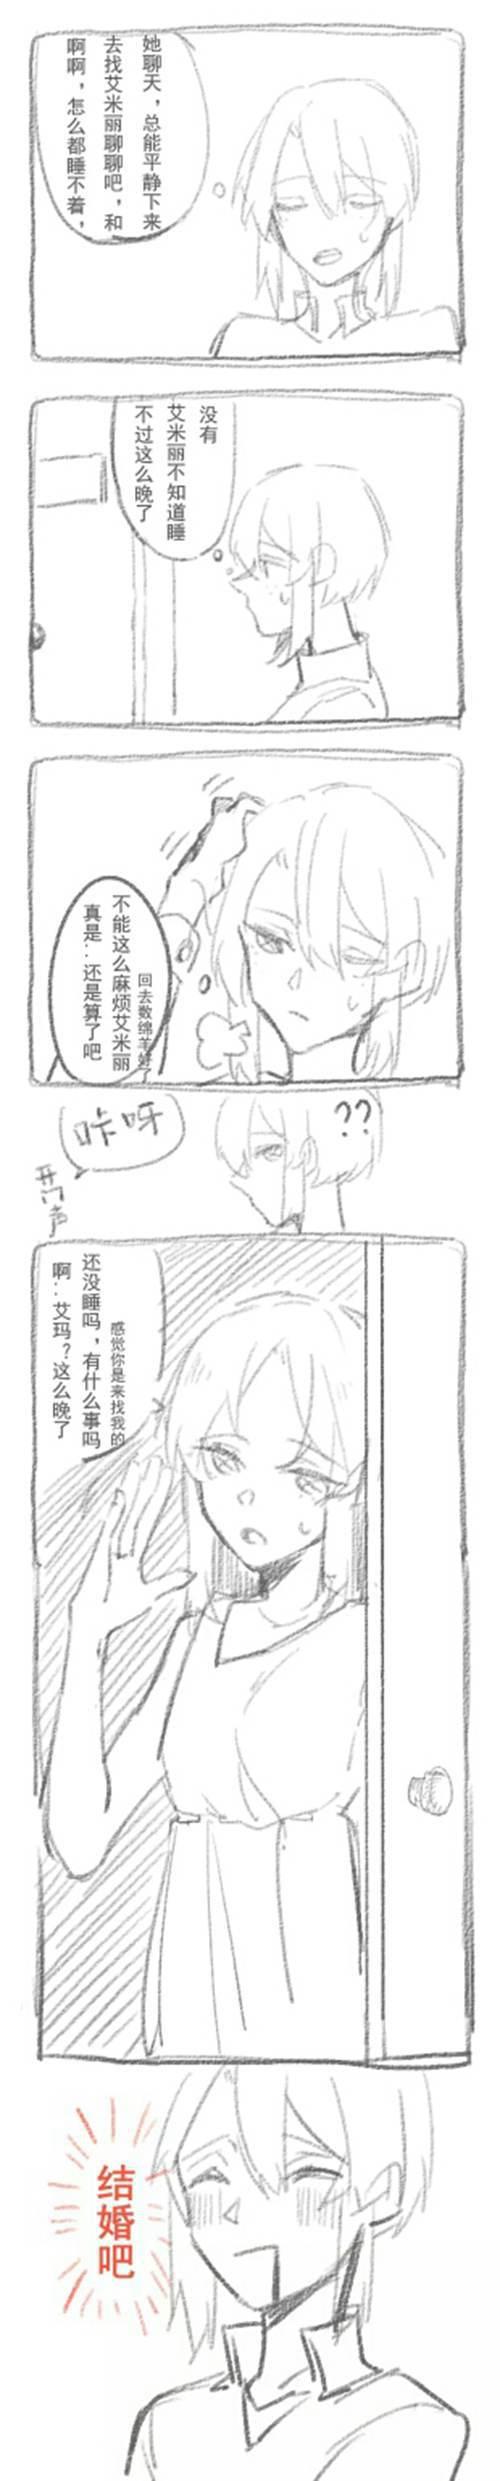 第五人格漫画 合集_WWW.XUNWANGBA.COM